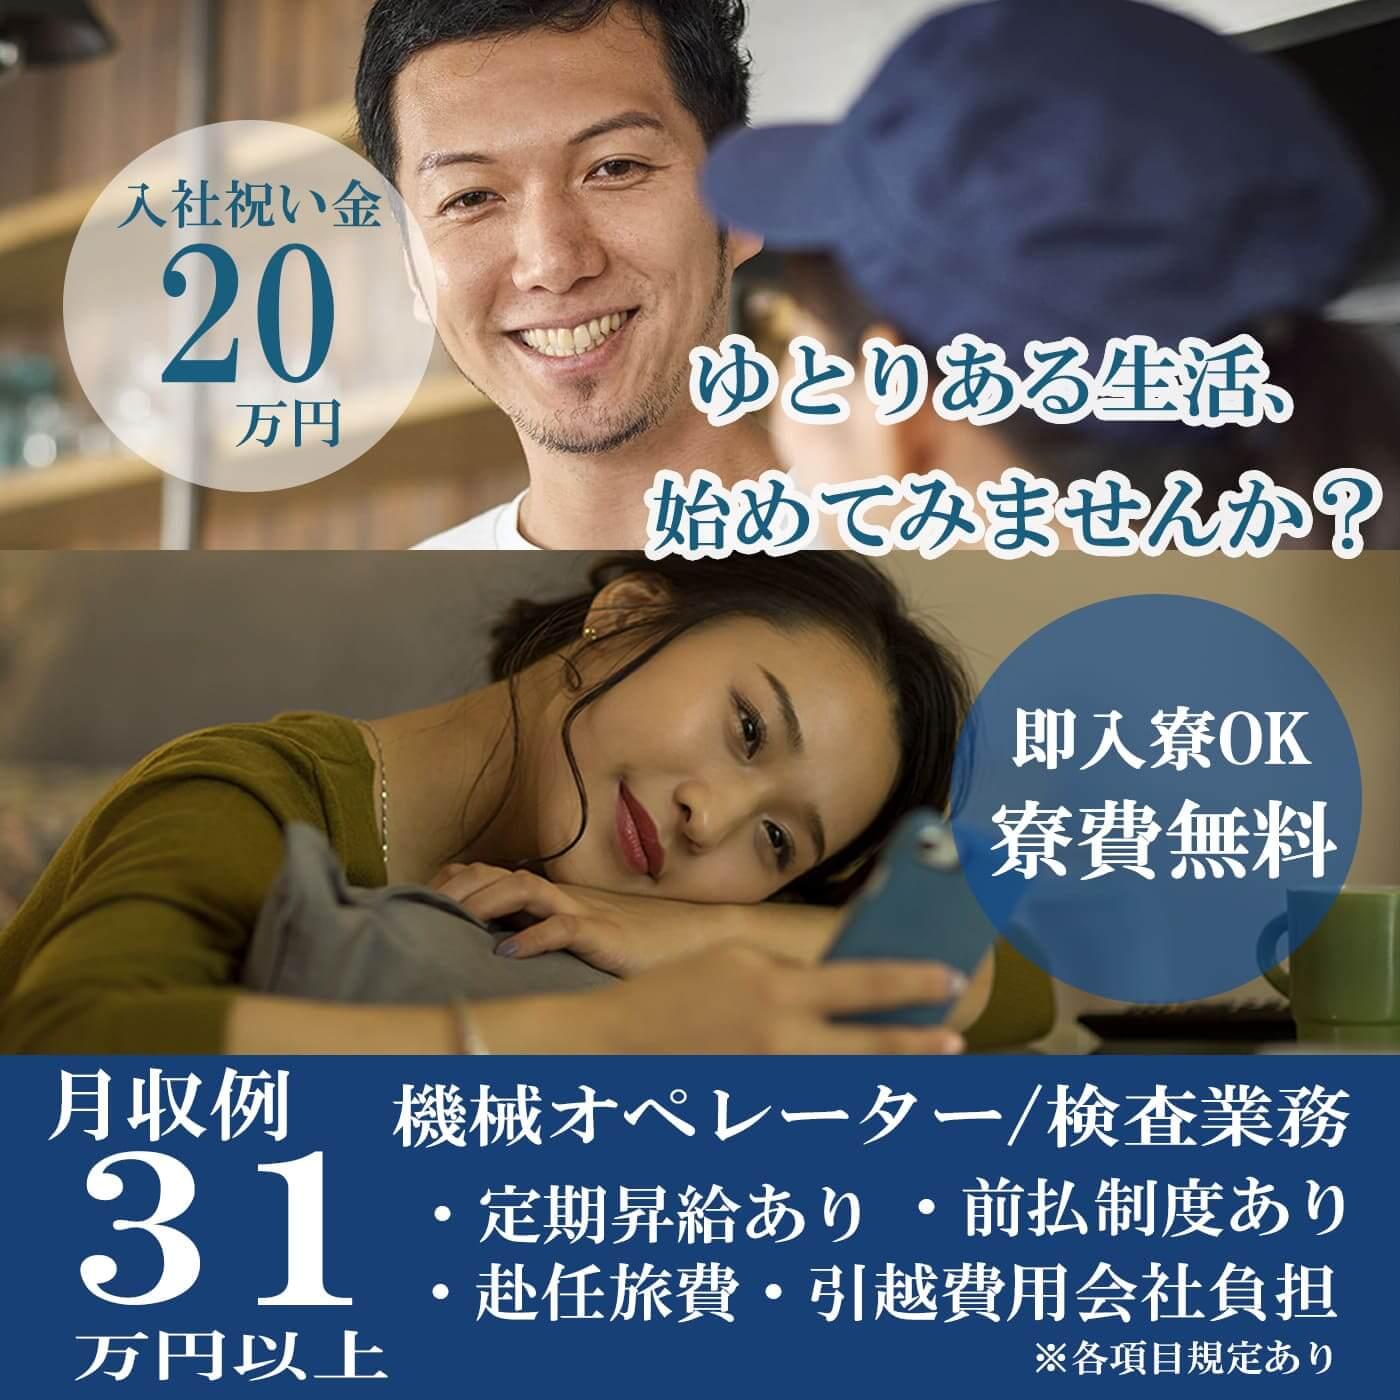 Setoutishikikaiopereta